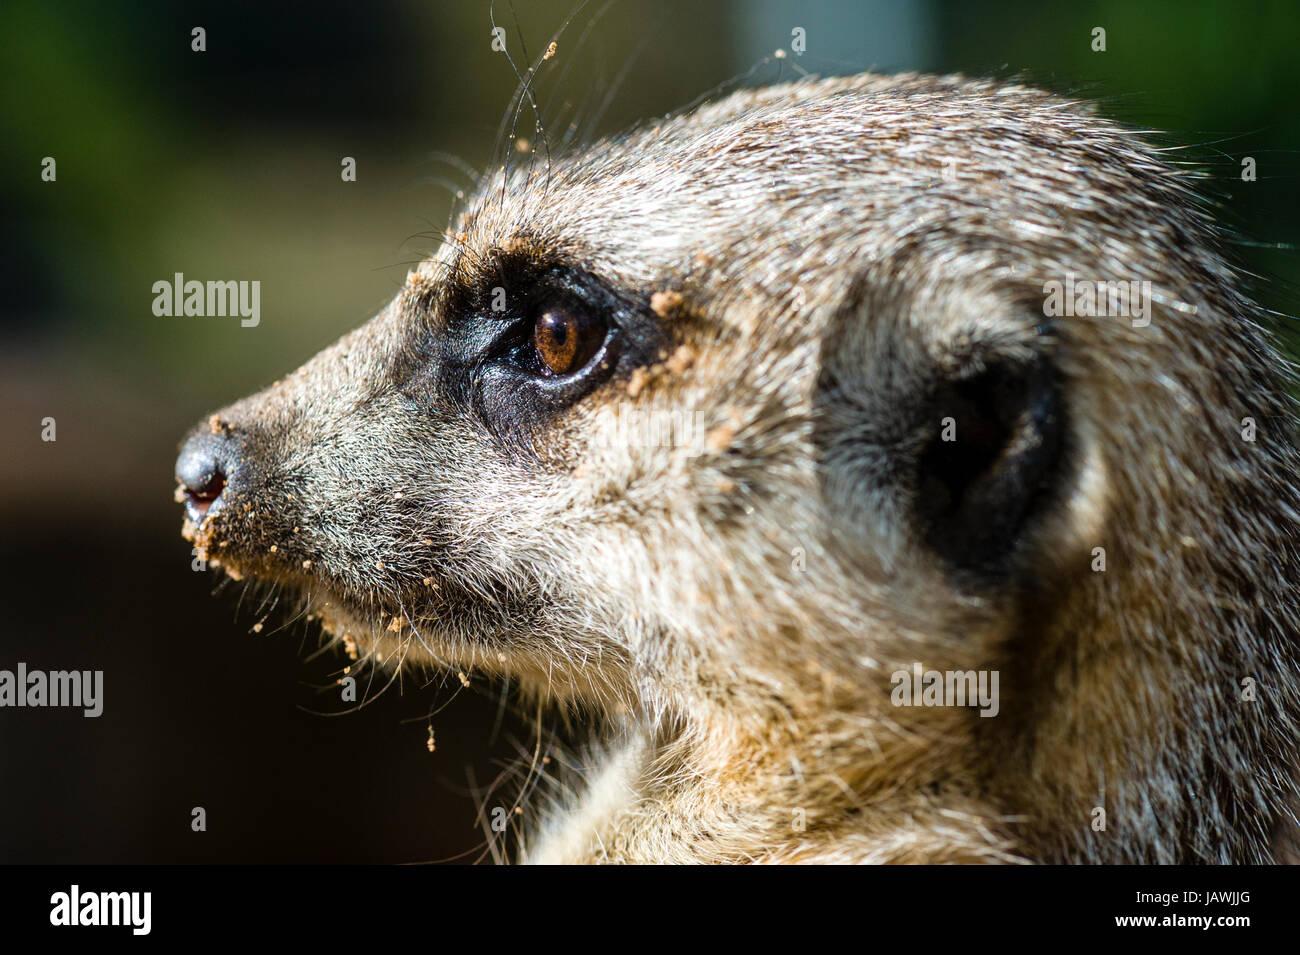 L'œil d'un Meerkat a porté sur quelque chose au loin. Photo Stock